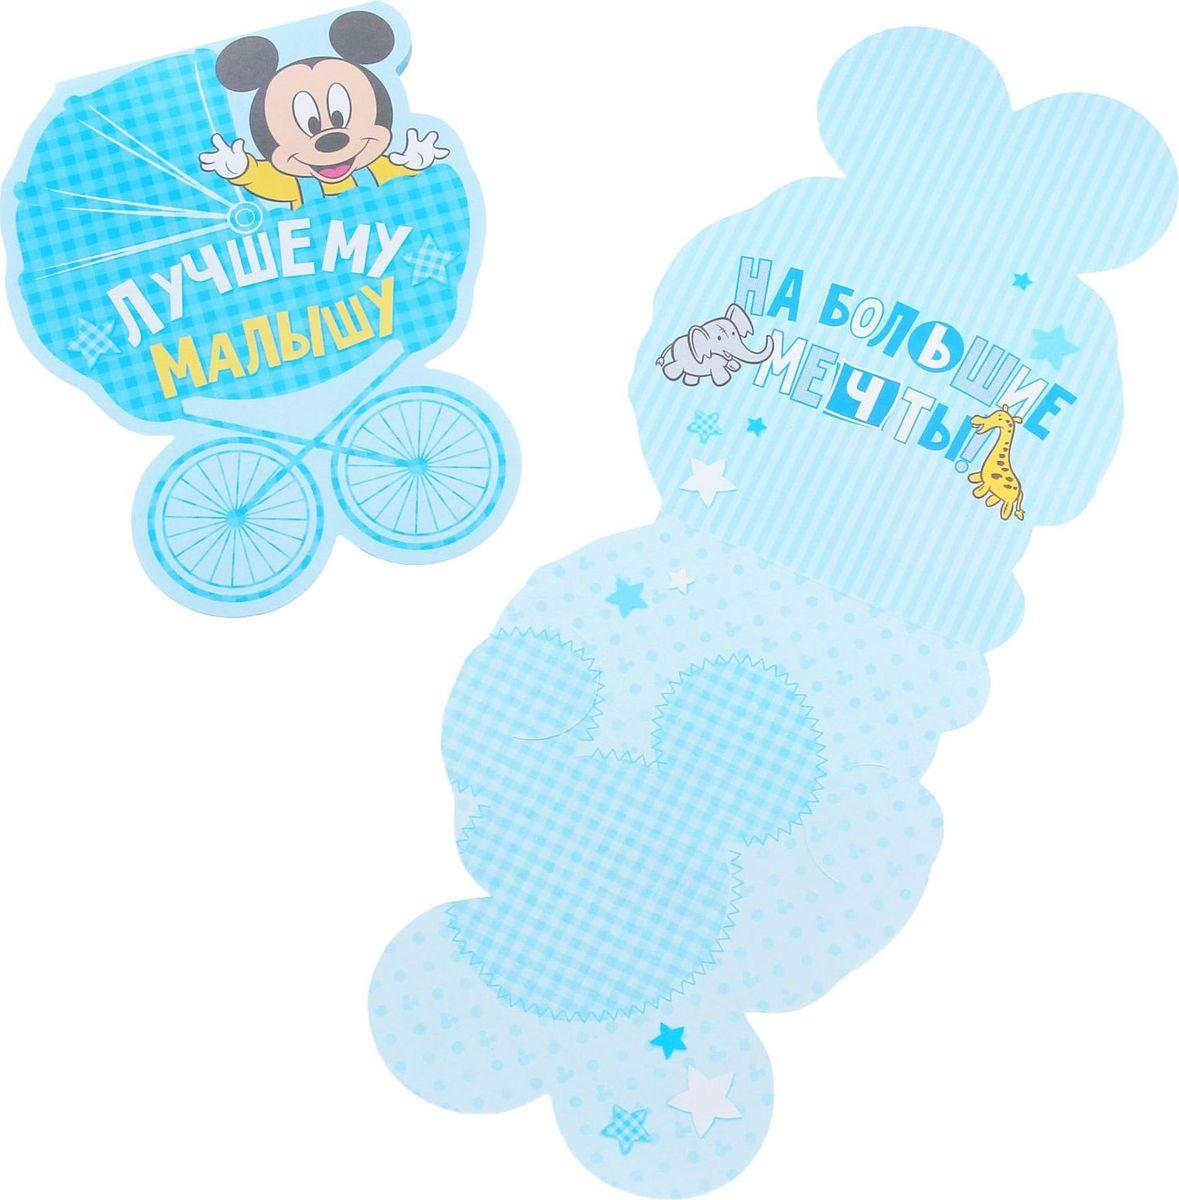 Конверт для денег Disney Лучшему малышу. Микки Маус, 15,2 х 11,6 см1137060Дарите радость каждый день! Положите в конверт с любимыми героями Disney символическую сумму, и пусть чадо потратит её так, как хочет, а потом расскажет о сделанном выборе.Известные персонажи помогут красиво вручить такой универсальный подарок и осуществить мечту ребёнка.